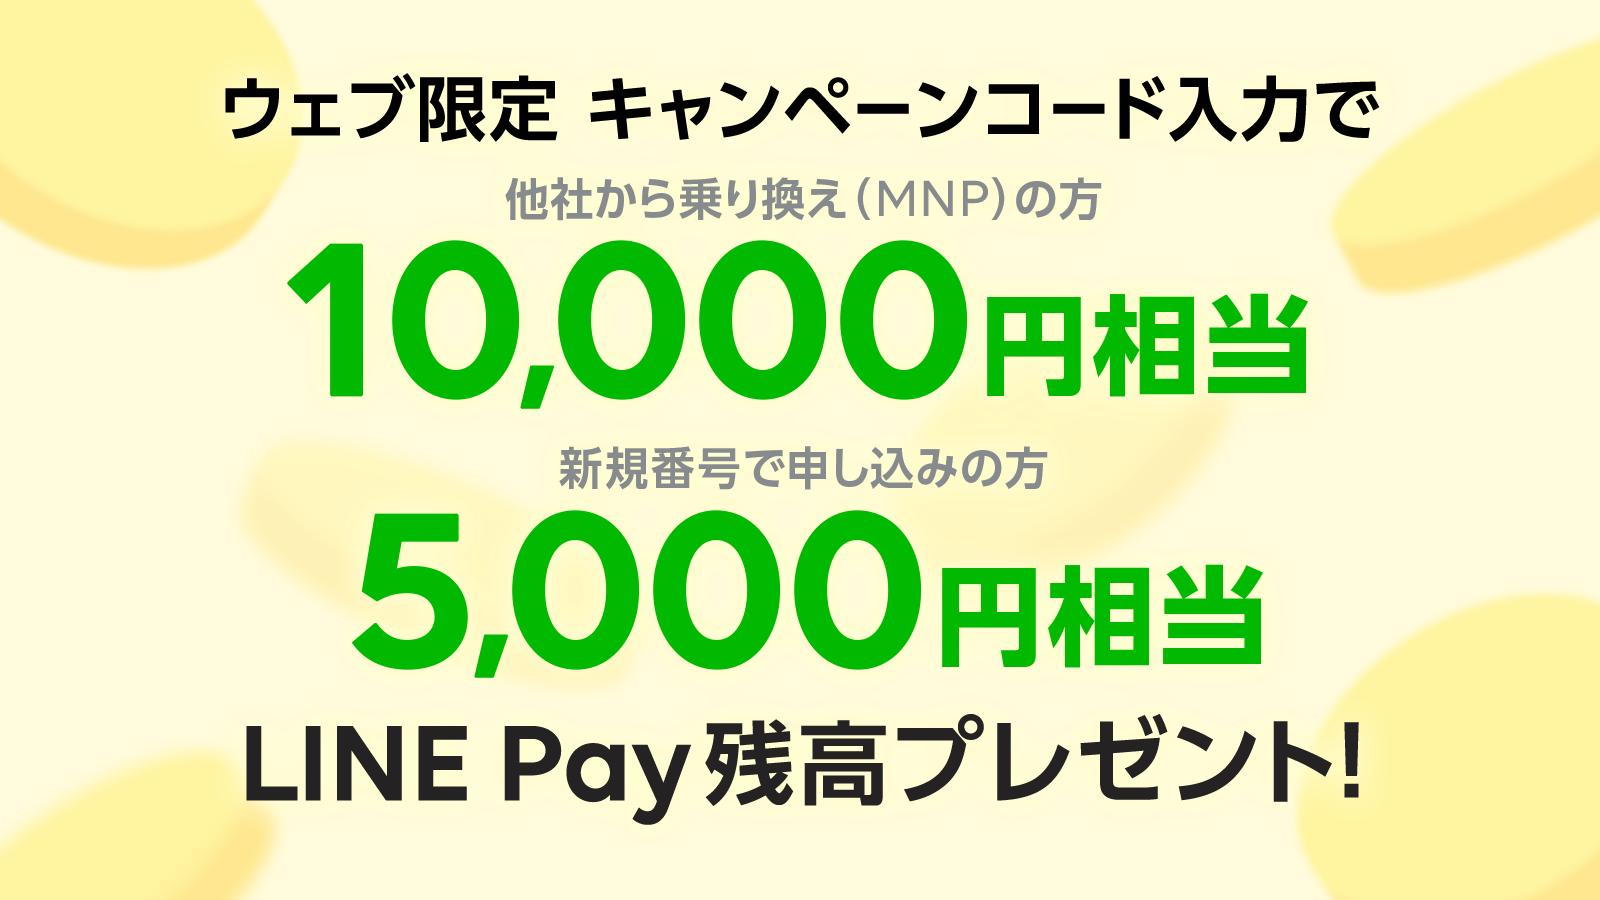 LINEモバイルでMNPで1万円、新規で5000円分のLINE Pay残高が契約で貰える。SNS使い放題も月1000円程度4ヶ月間割引予定。~8/13。